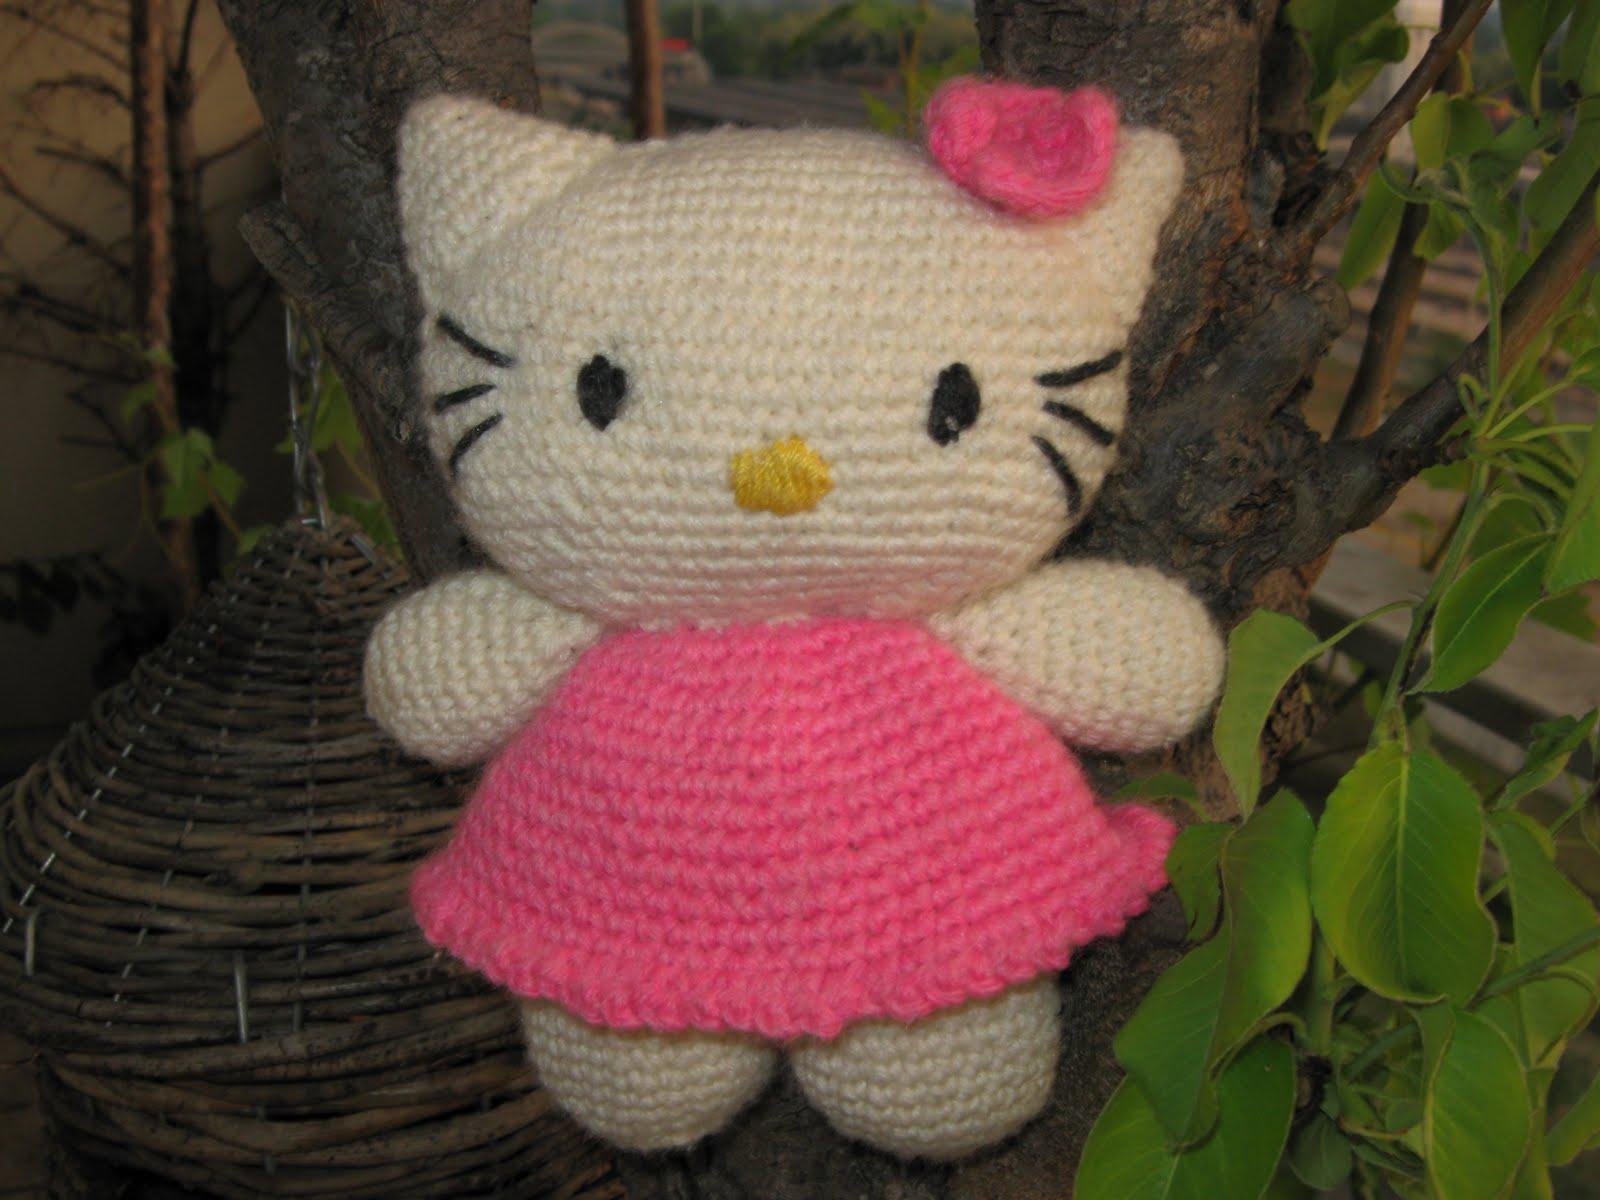 Tuto Gratuit Amigurumi Hello Kitty : Marinasognaecrea: Amigurumi Hello Kitty